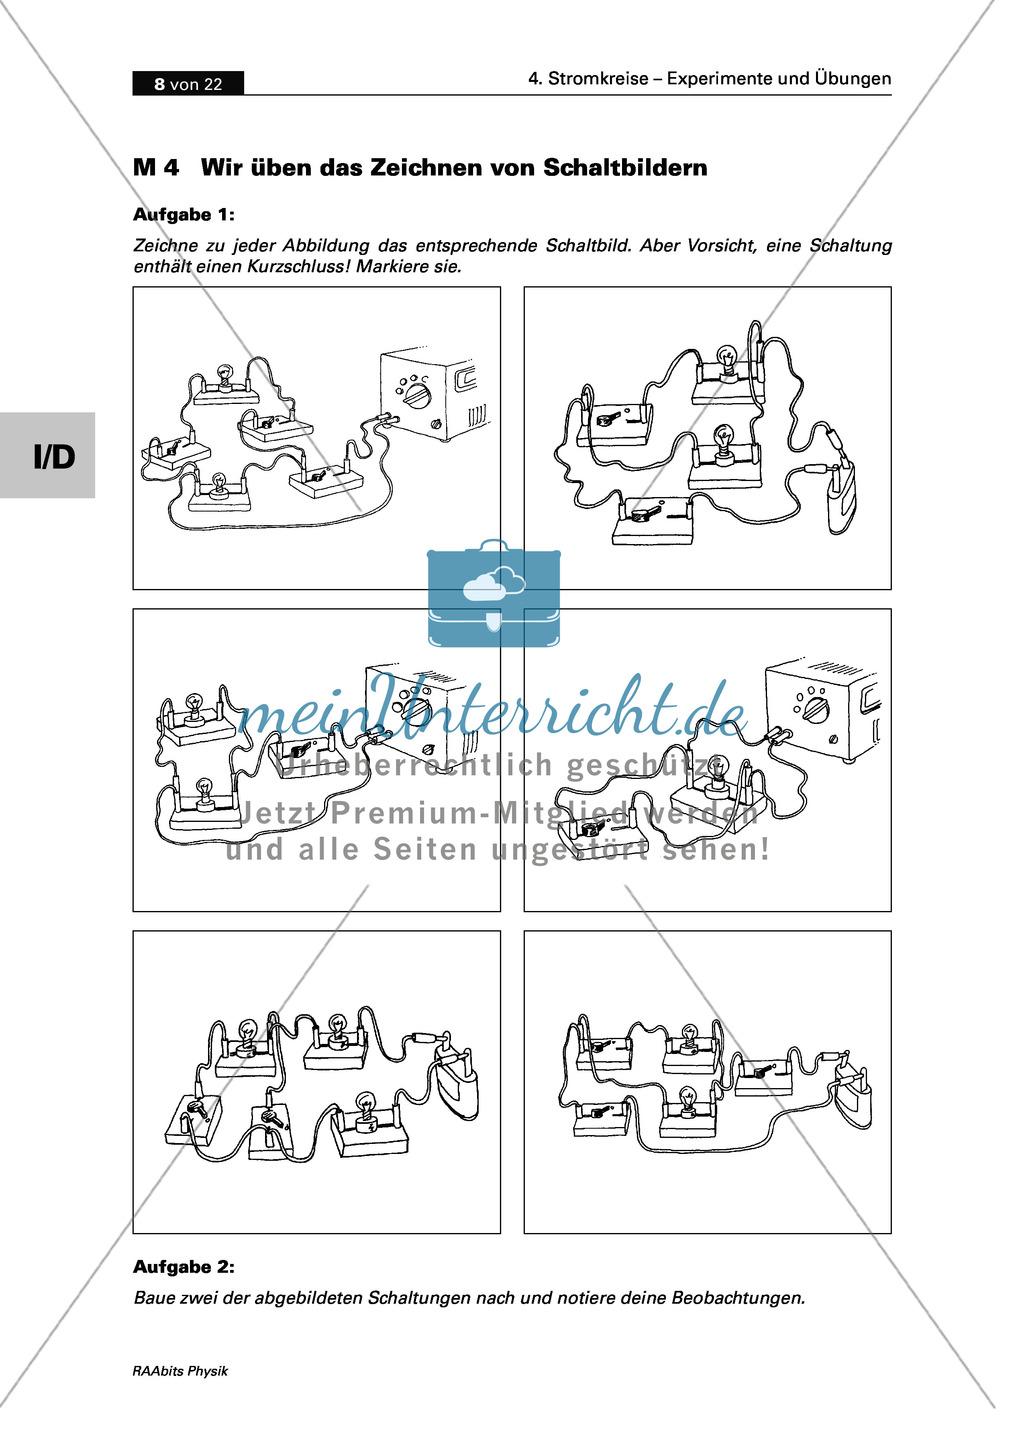 Schön Symbole Von Stromkreisen Bilder - Der Schaltplan - triangre.info